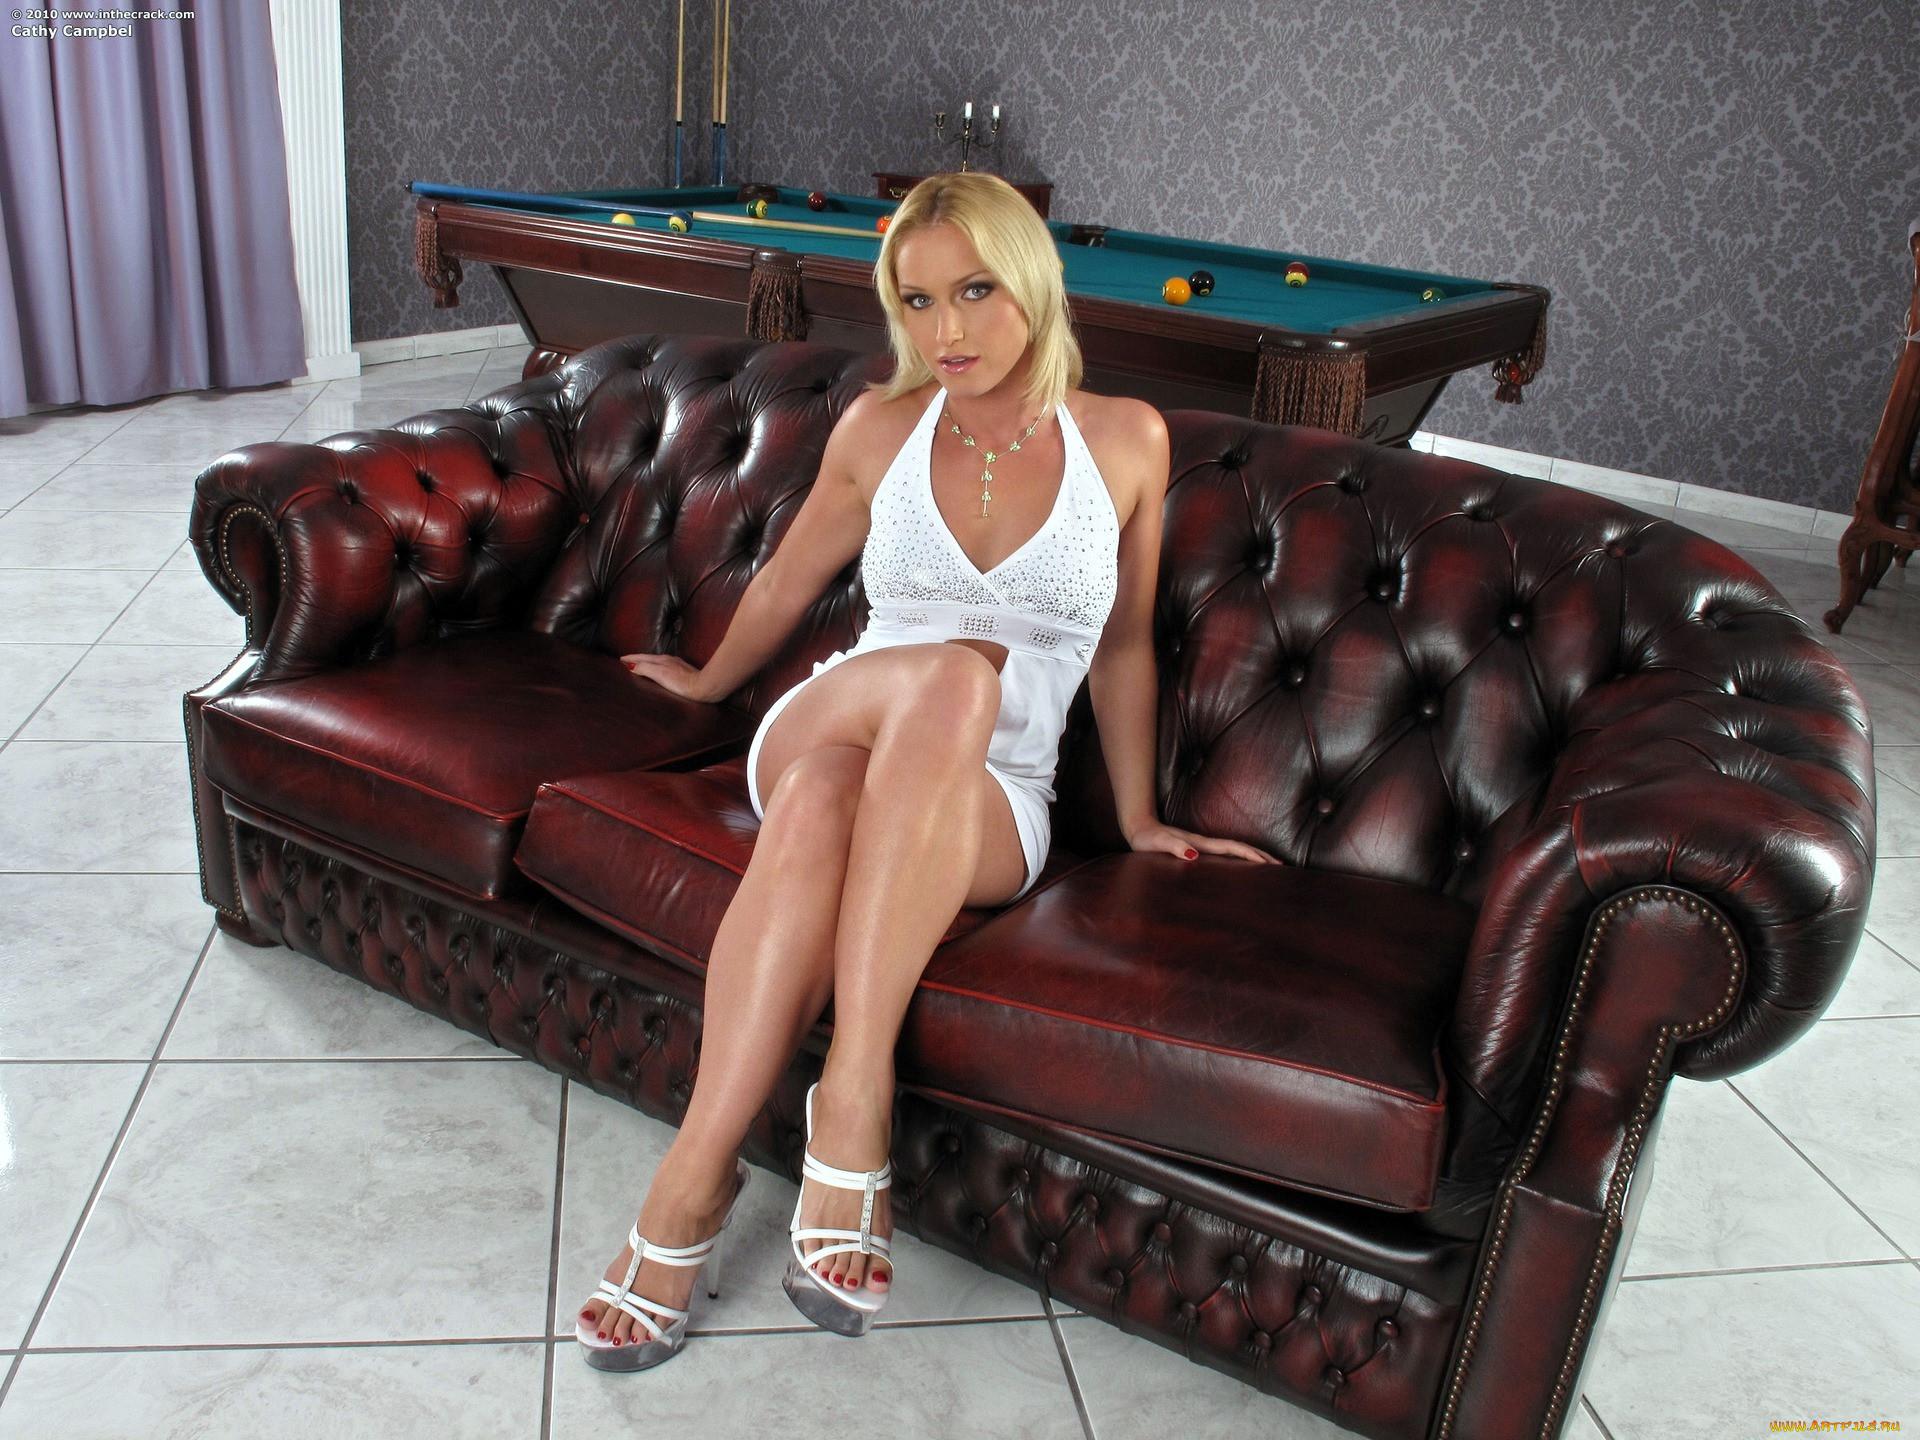 Kathia Nobili Cathy Campbel, девушки, , cathy, campbel, босоножки, диван, красивая женщина, сидит, платье, красный педикюр, пальчики на ногах, красивые ножки